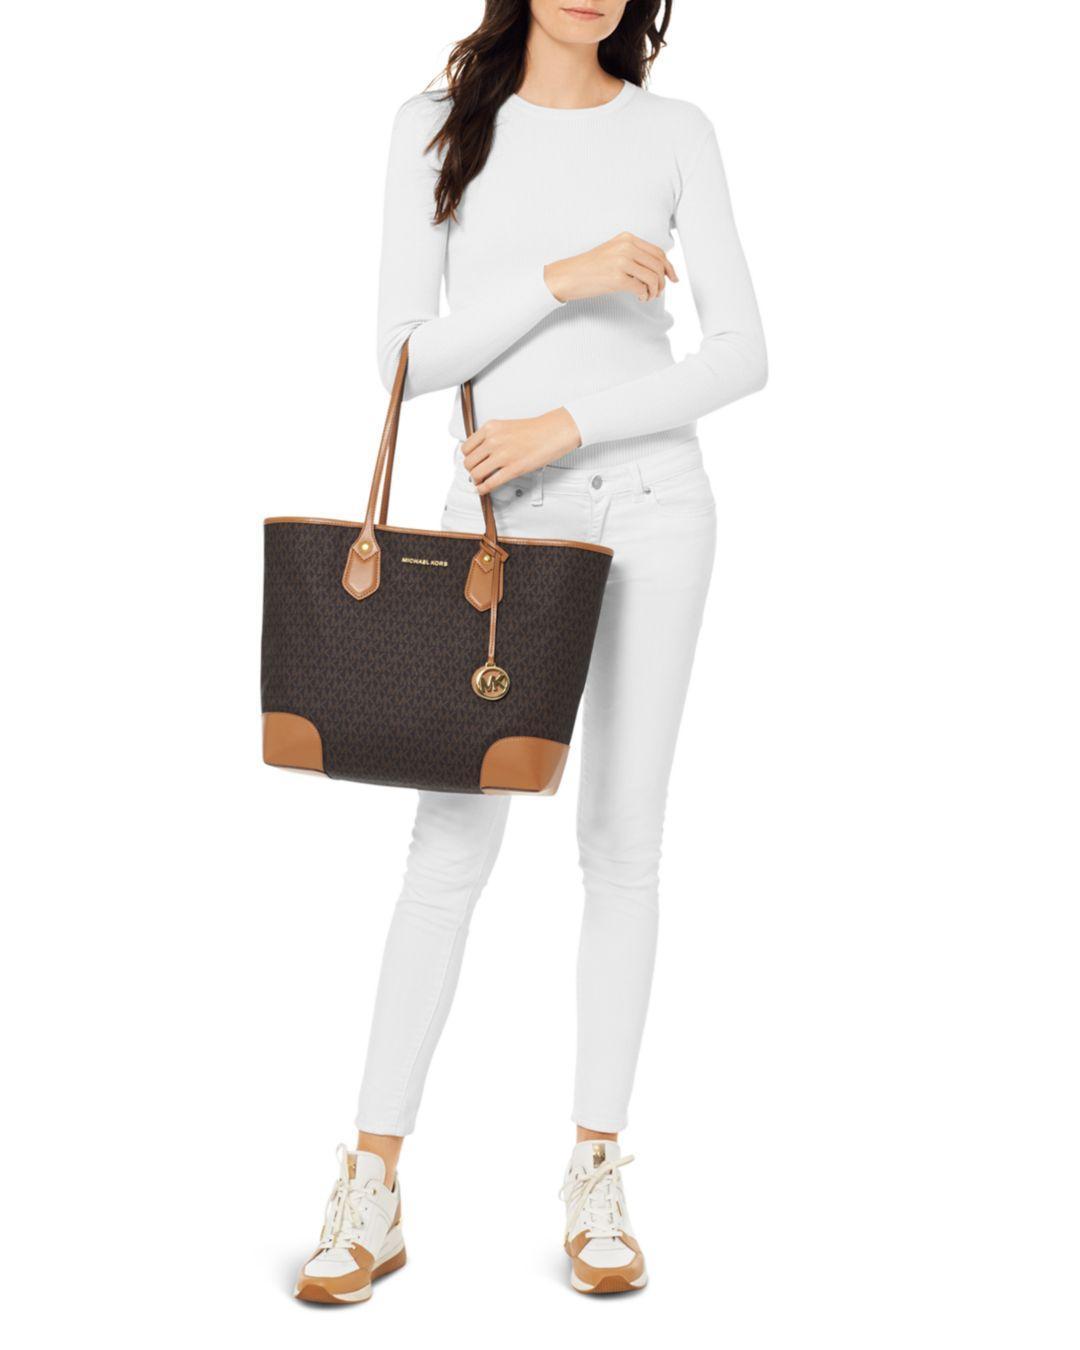 89f8cd015f93 MICHAEL Michael Kors Large Eva Tote Bag in Brown - Save 25% - Lyst